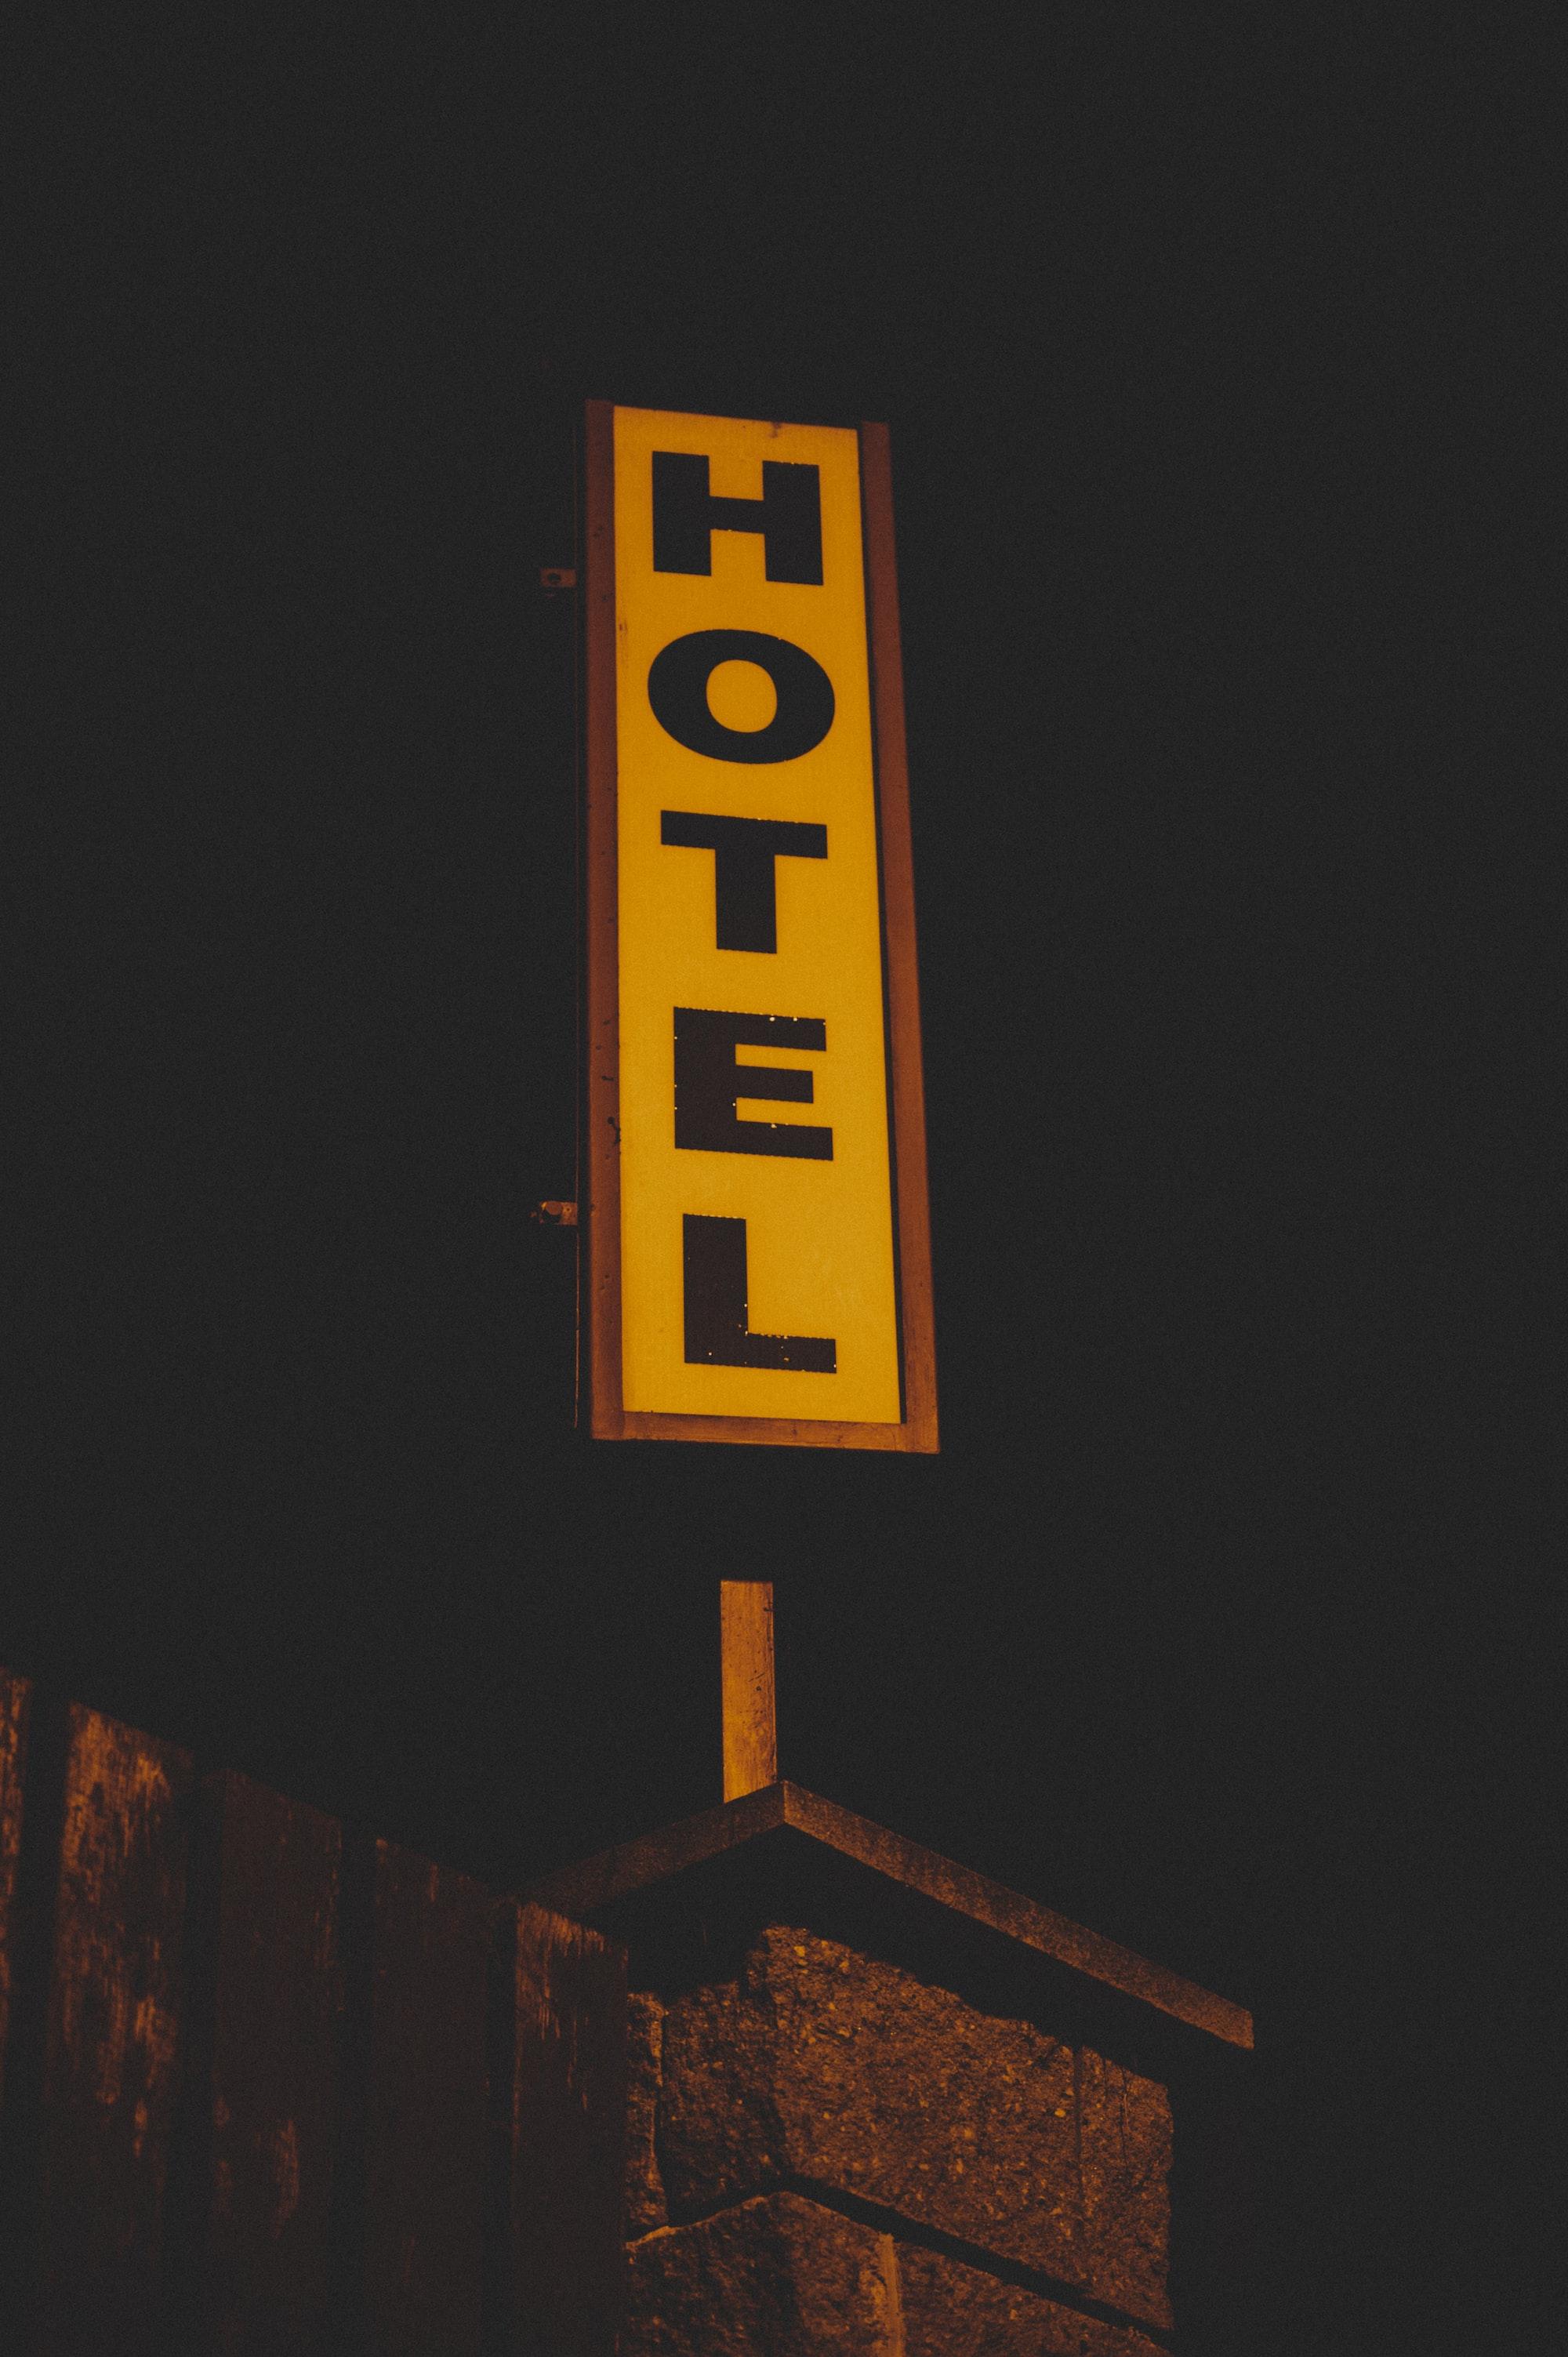 Hotel vintage sign